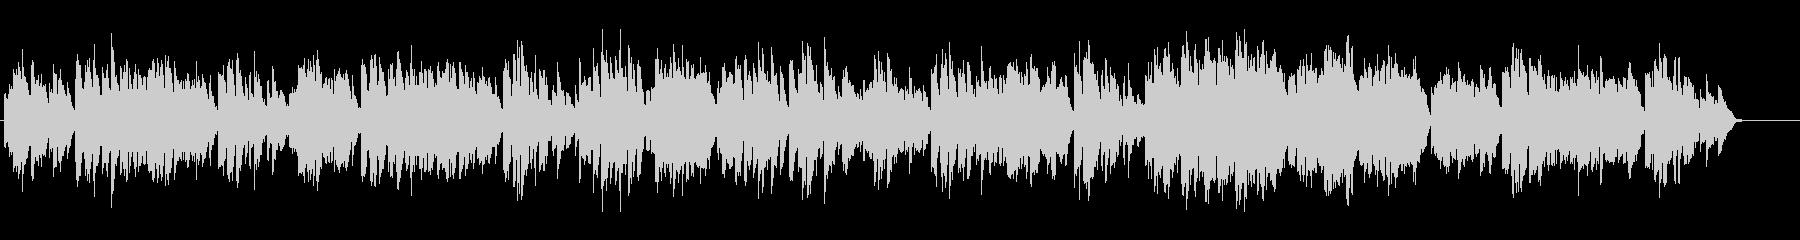 バッハ/暗いメヌエットをヴァイオリンでの未再生の波形